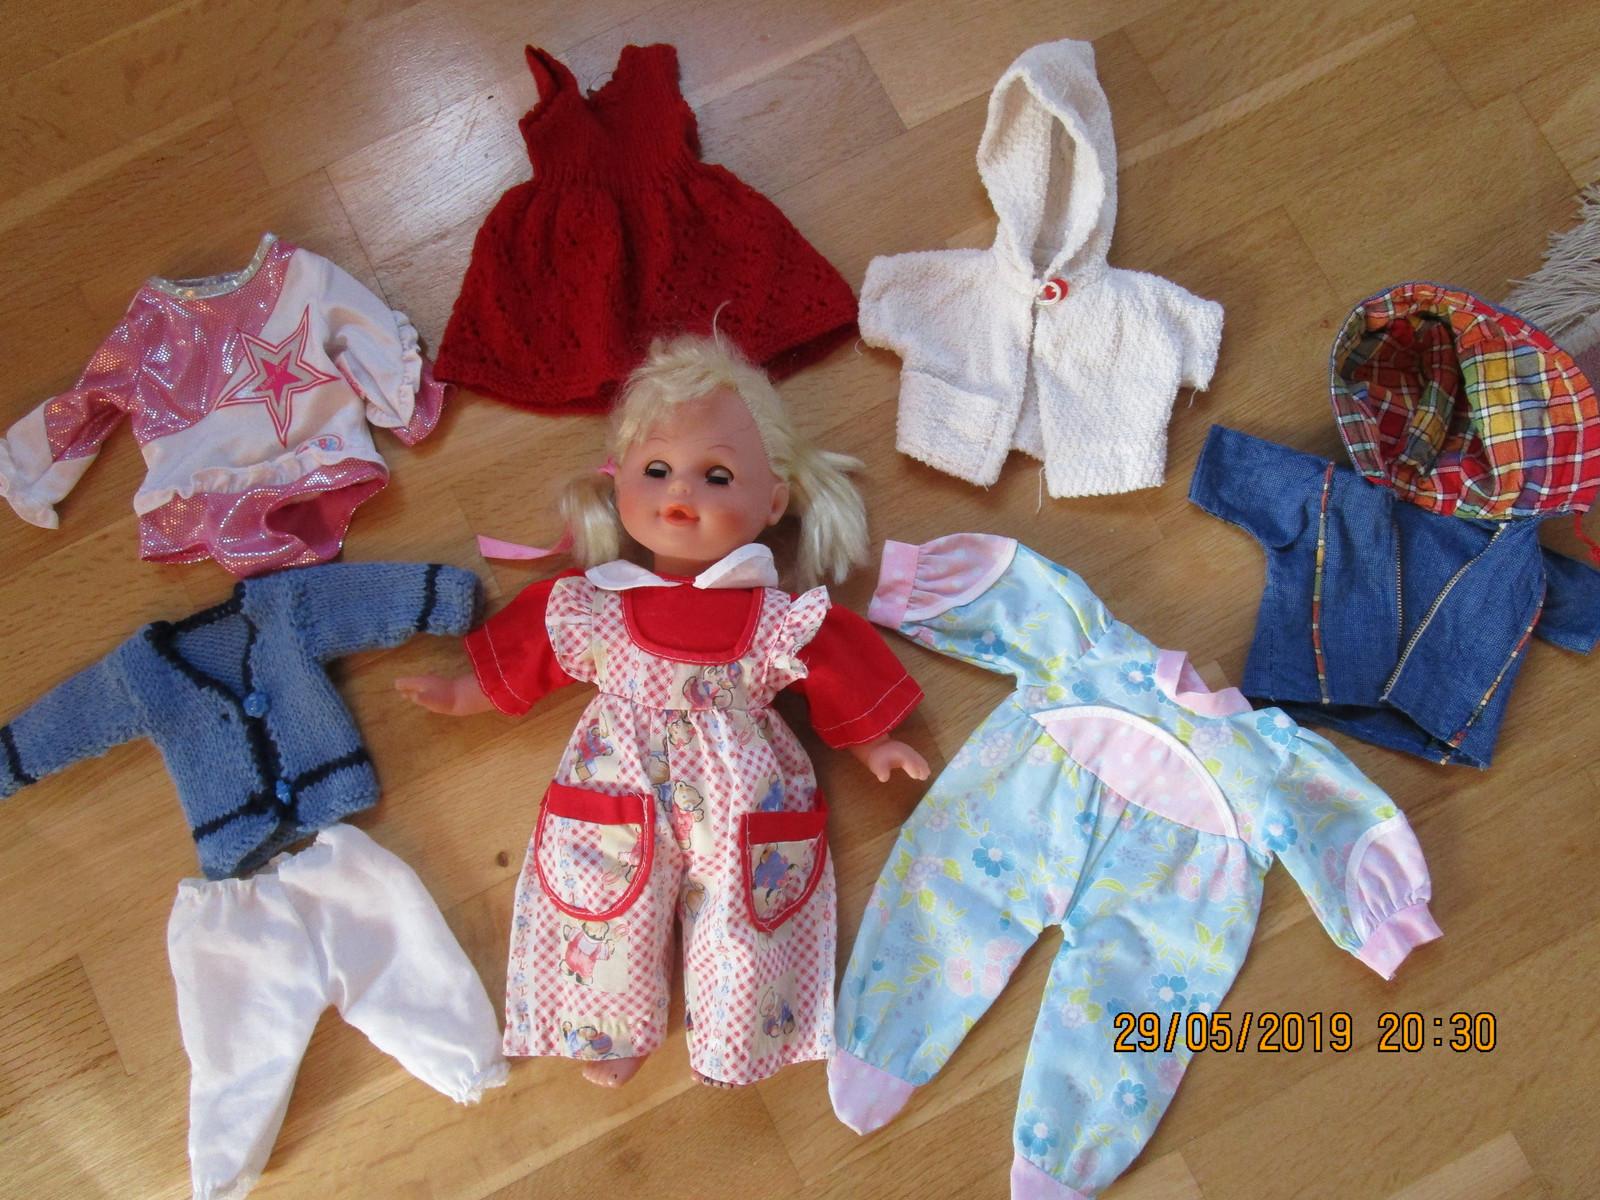 71705224 Dukken er 33 cm. høy, og har kropp av stoff. Selges med klær for kr. 100 (2/ 5)